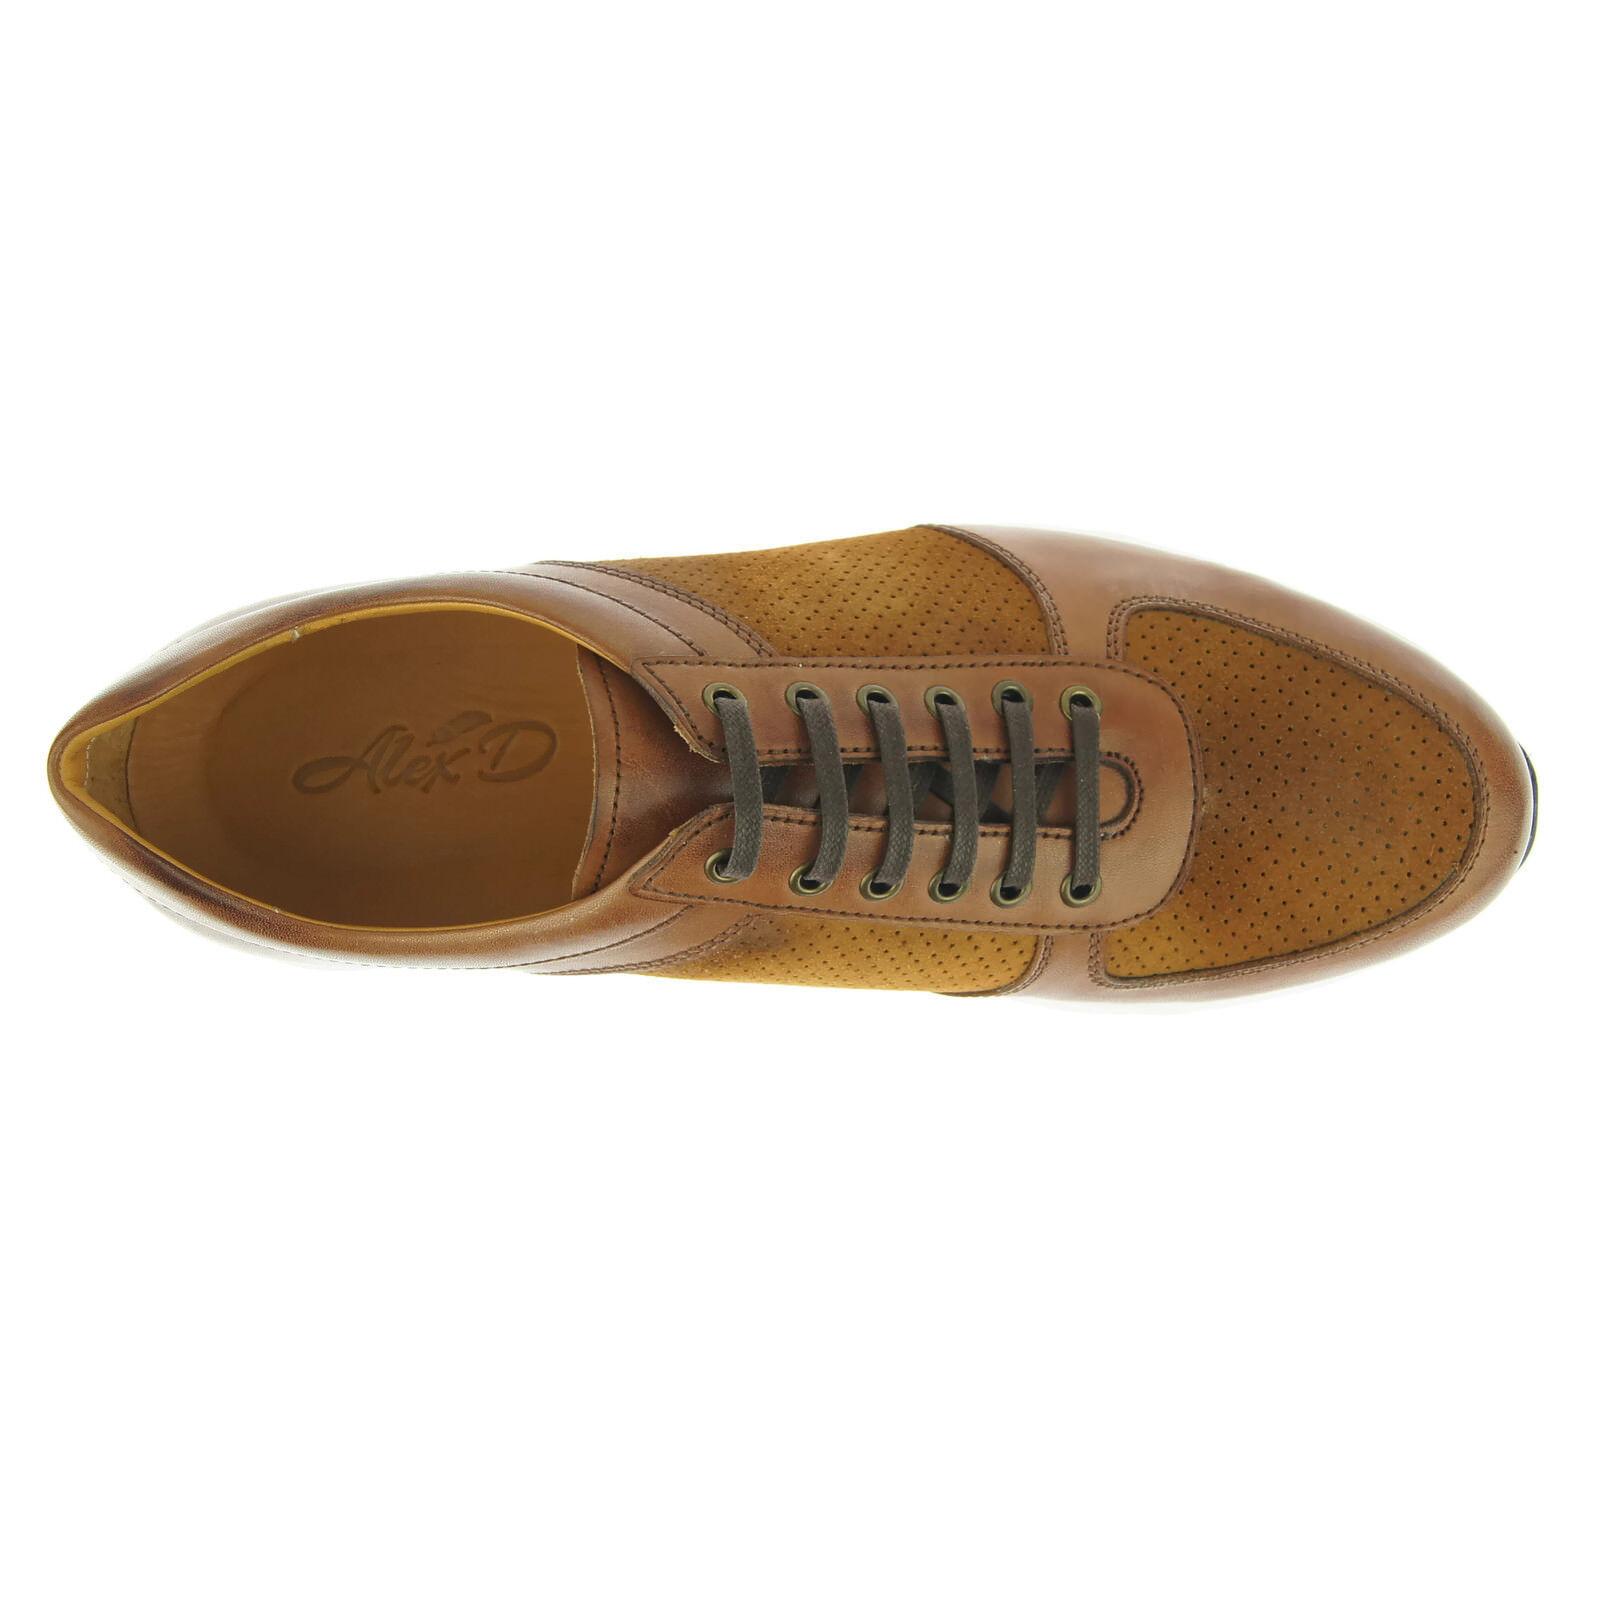 Alex D  Oxnard  Low-Top scarpe da ginnastica, Uomo Uomo Uomo Casual Scarpe da atletica, Cognac fe0732